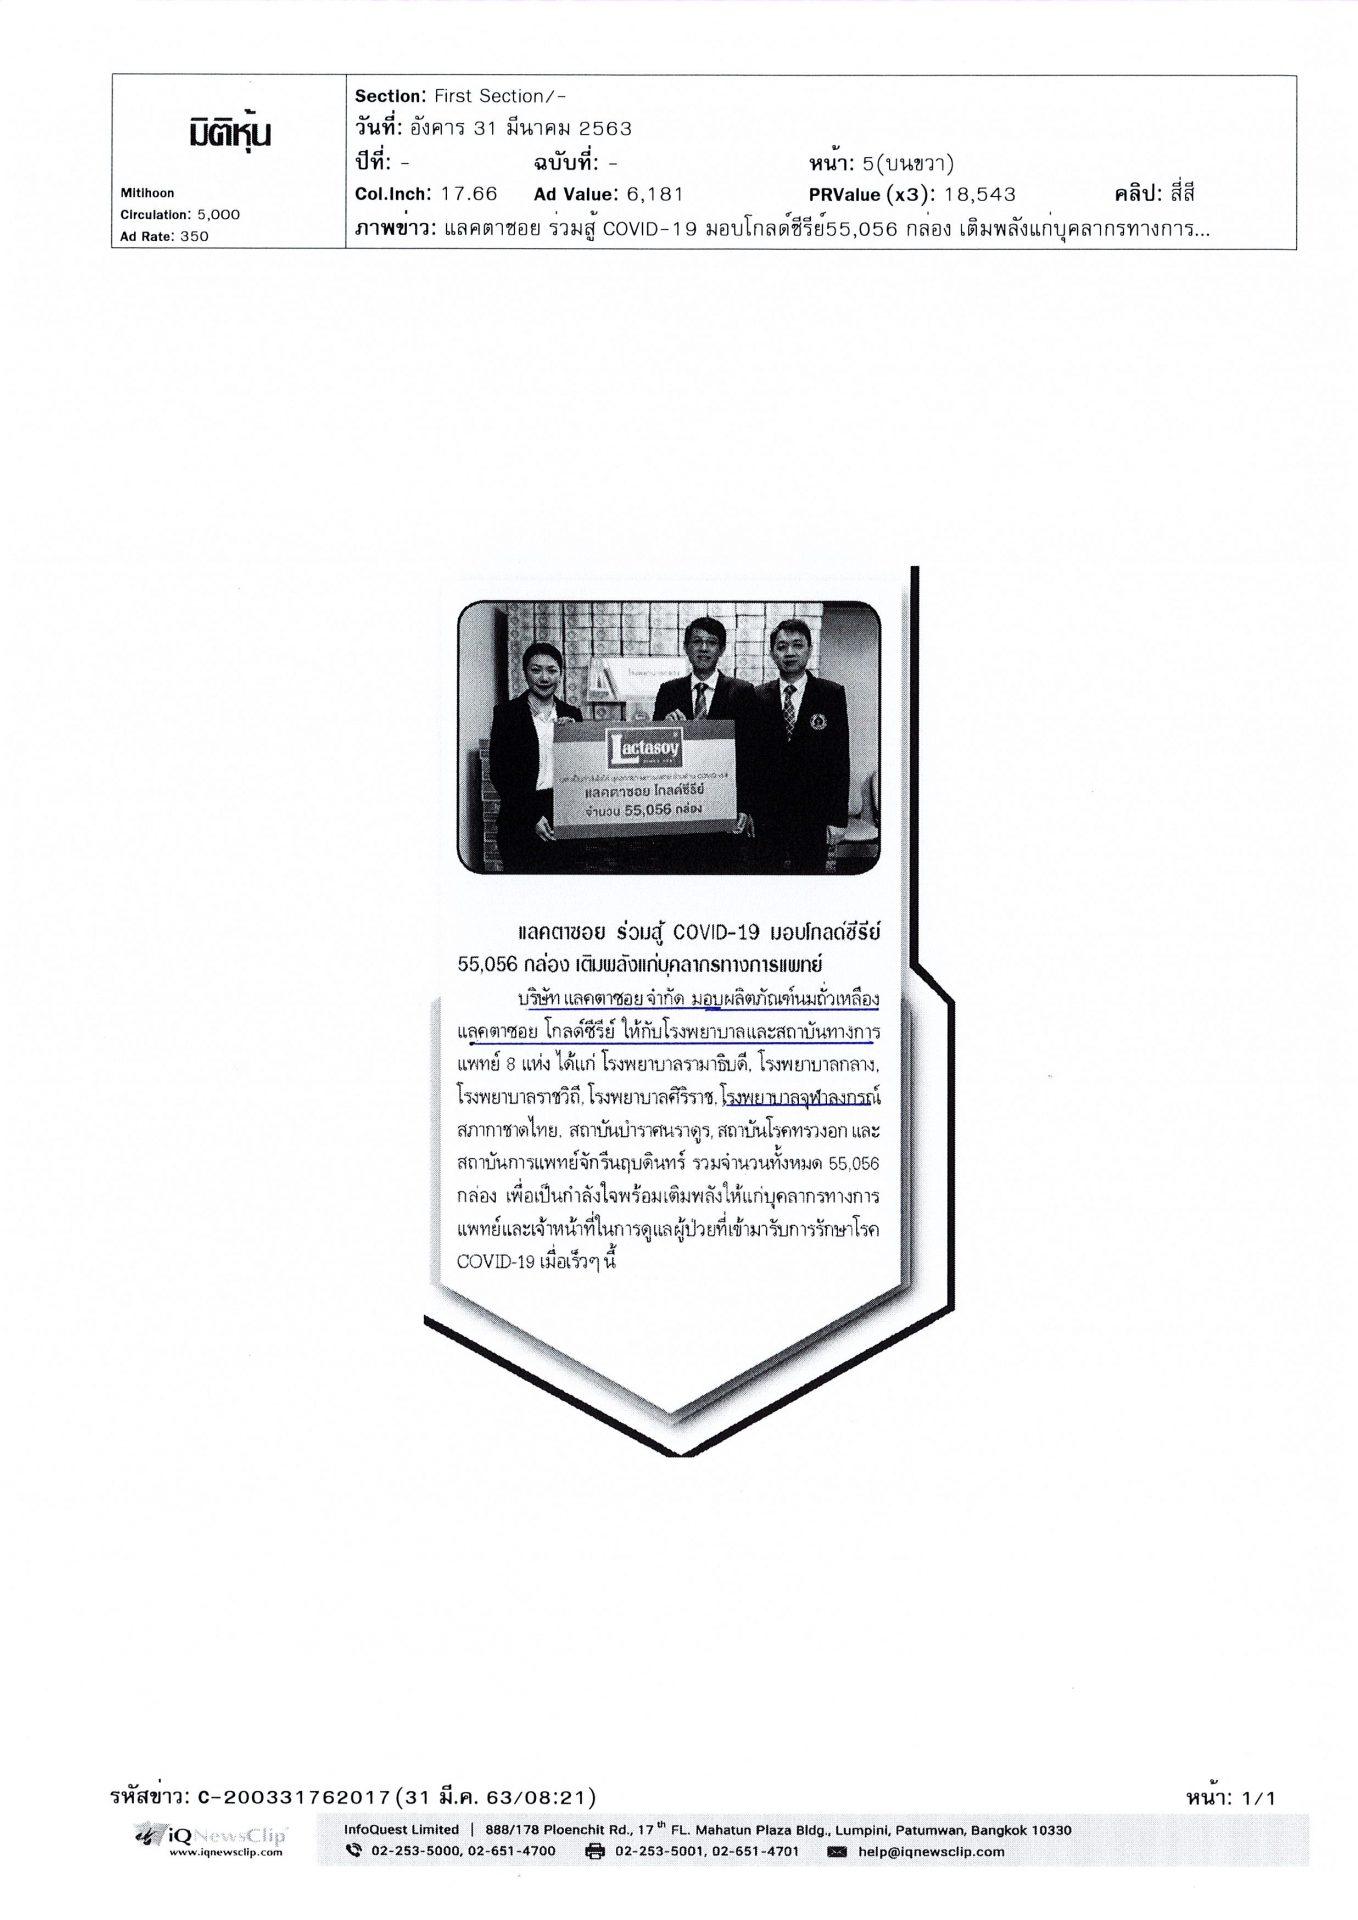 บริษัท แลคตาซอย จำกัด มอบผลิตภัณฑ์นมถั่วเหลืองแลคตาซอย ให้กับ รพ.จุฬาฯ